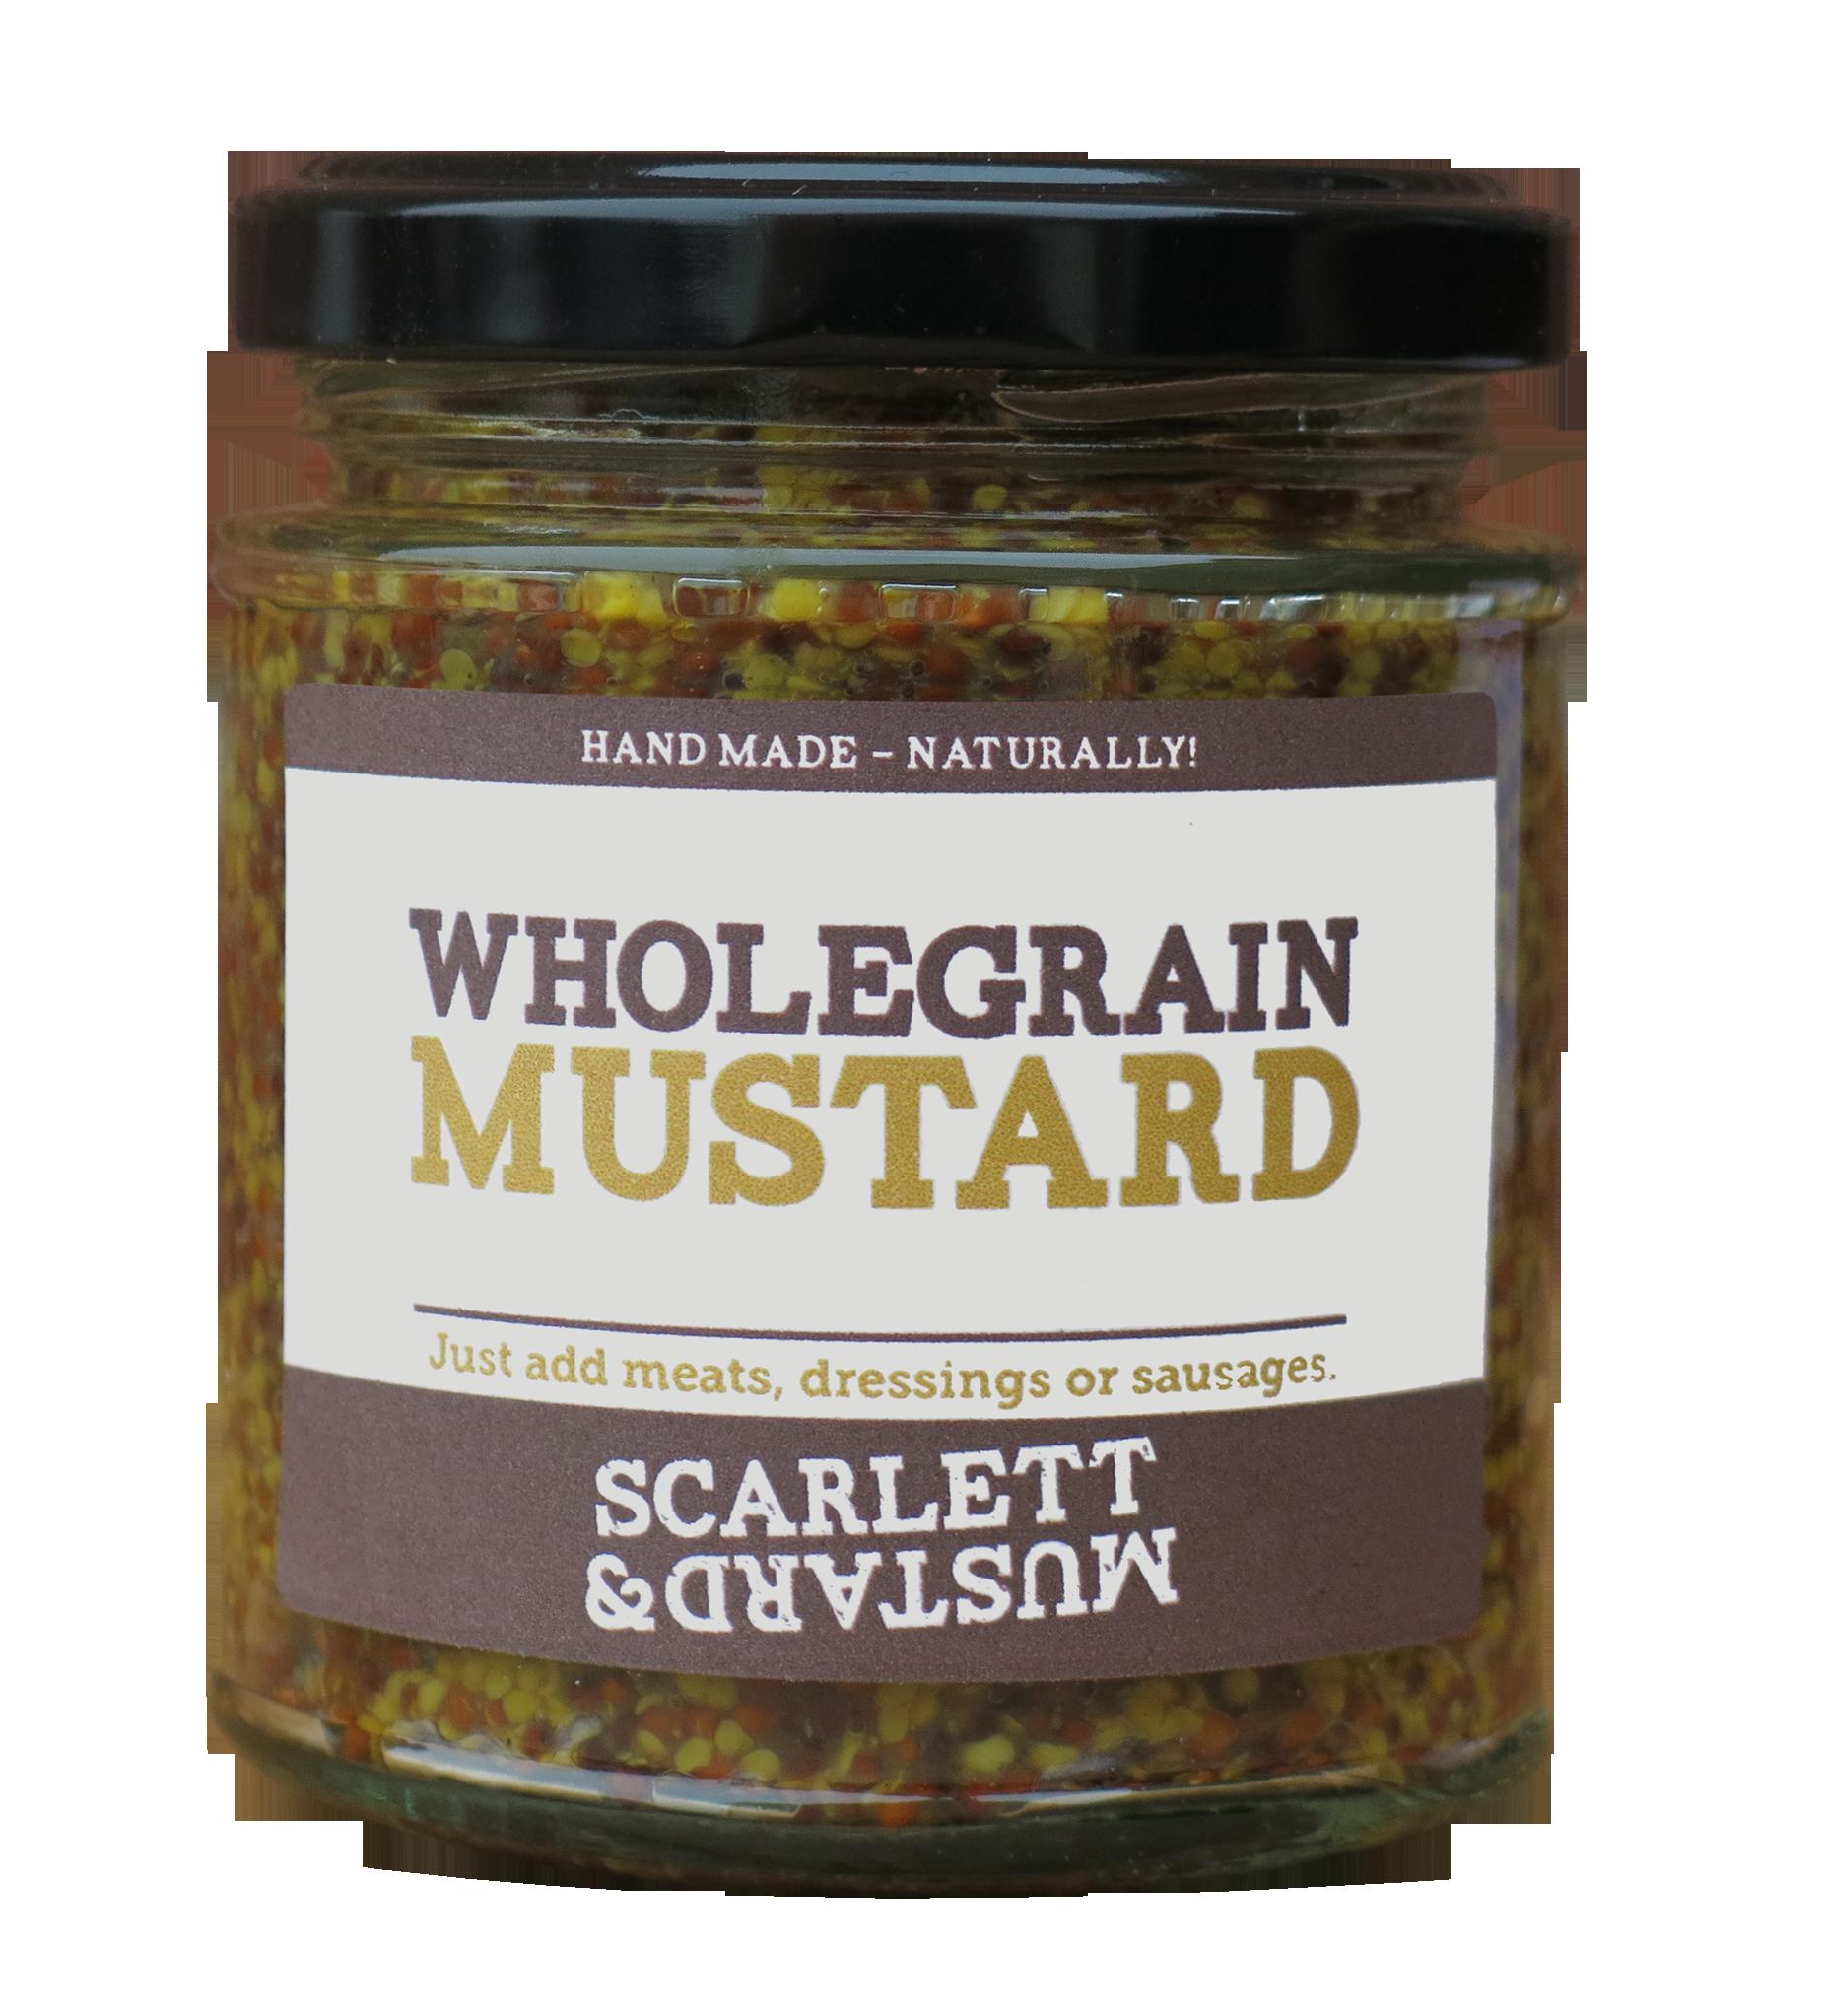 Scarlett & Mustard Wholegrain Mustard